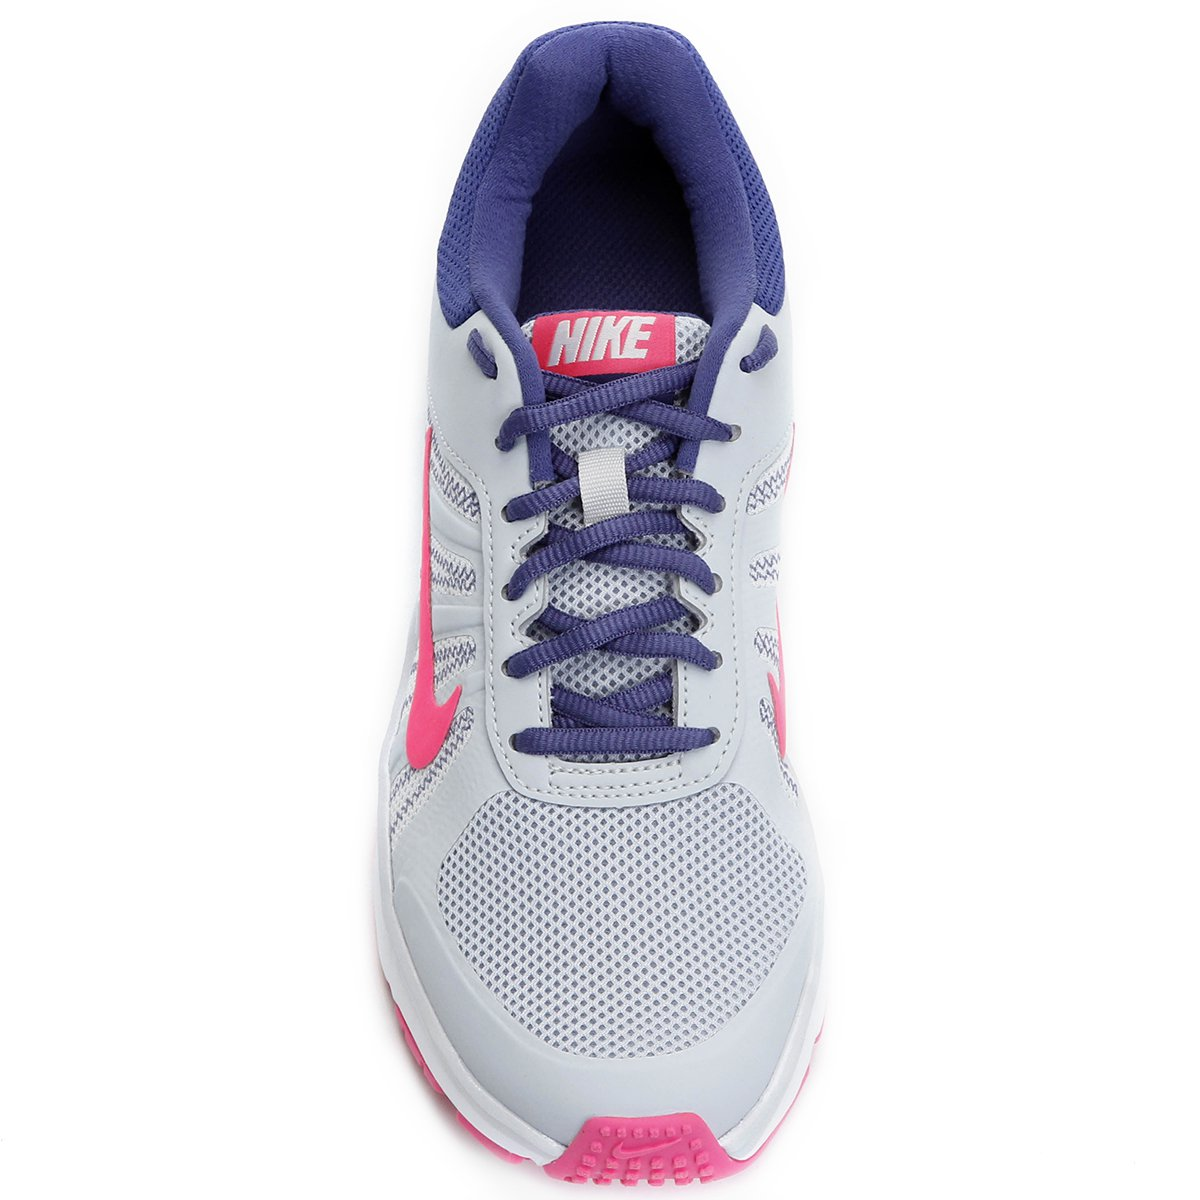 Tênis Nike Dart 12 MSL Feminino - Cinza e Rosa - Compre Agora  26670efbd6c05